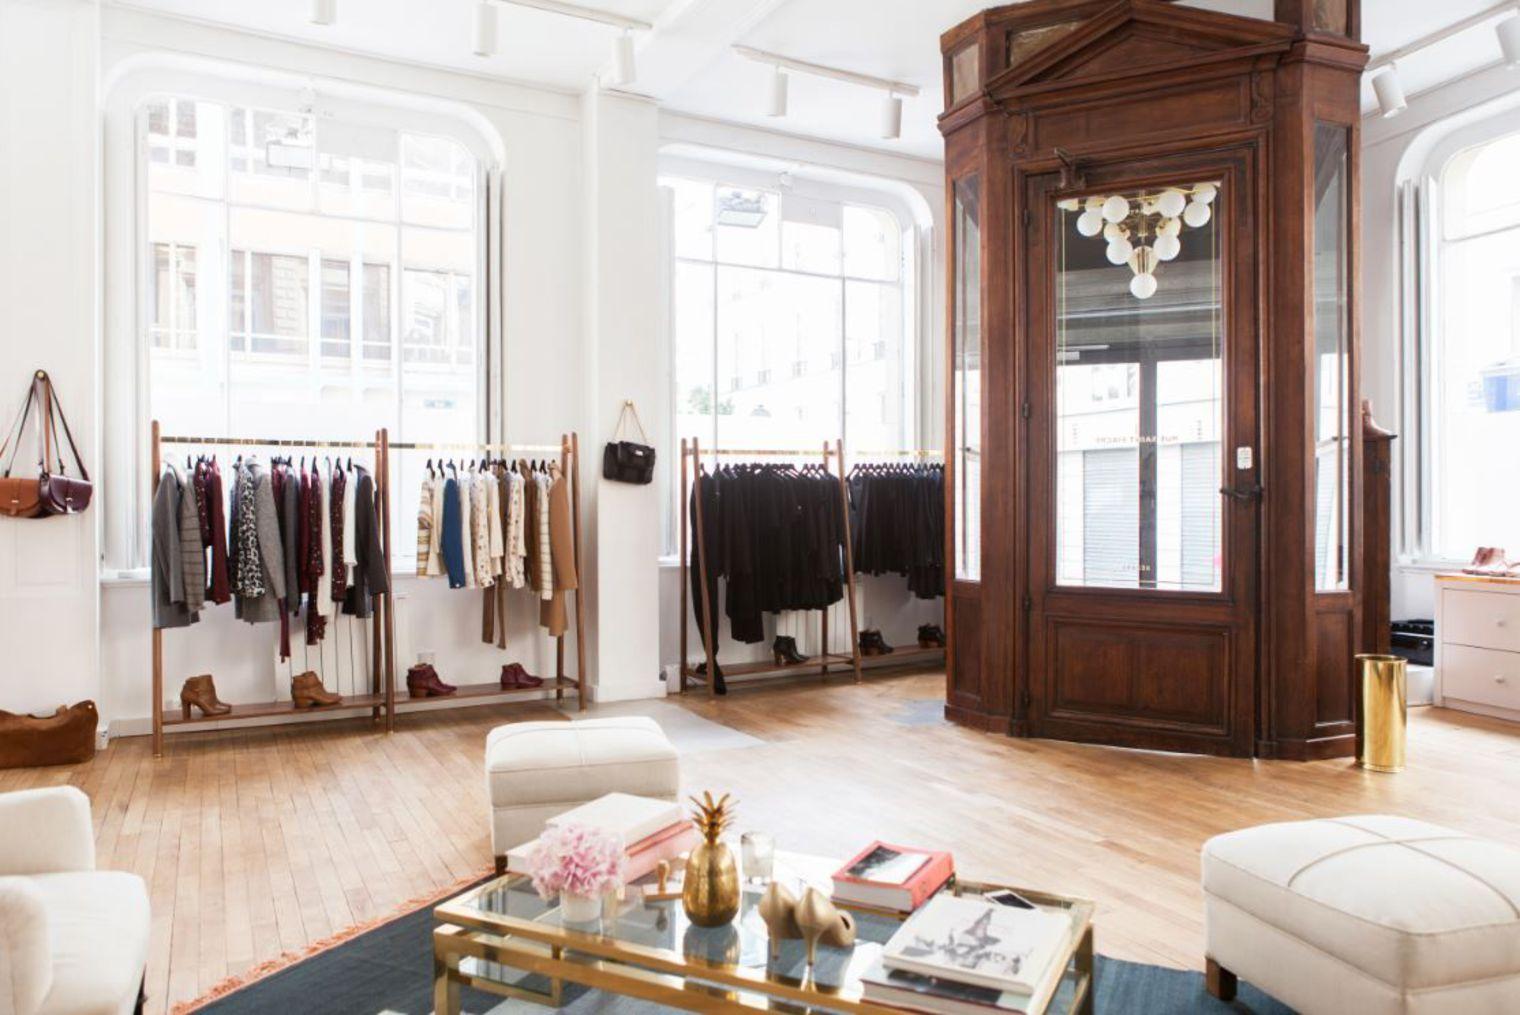 Location Appartement Nantes Particulier : Tentez Votre Chance